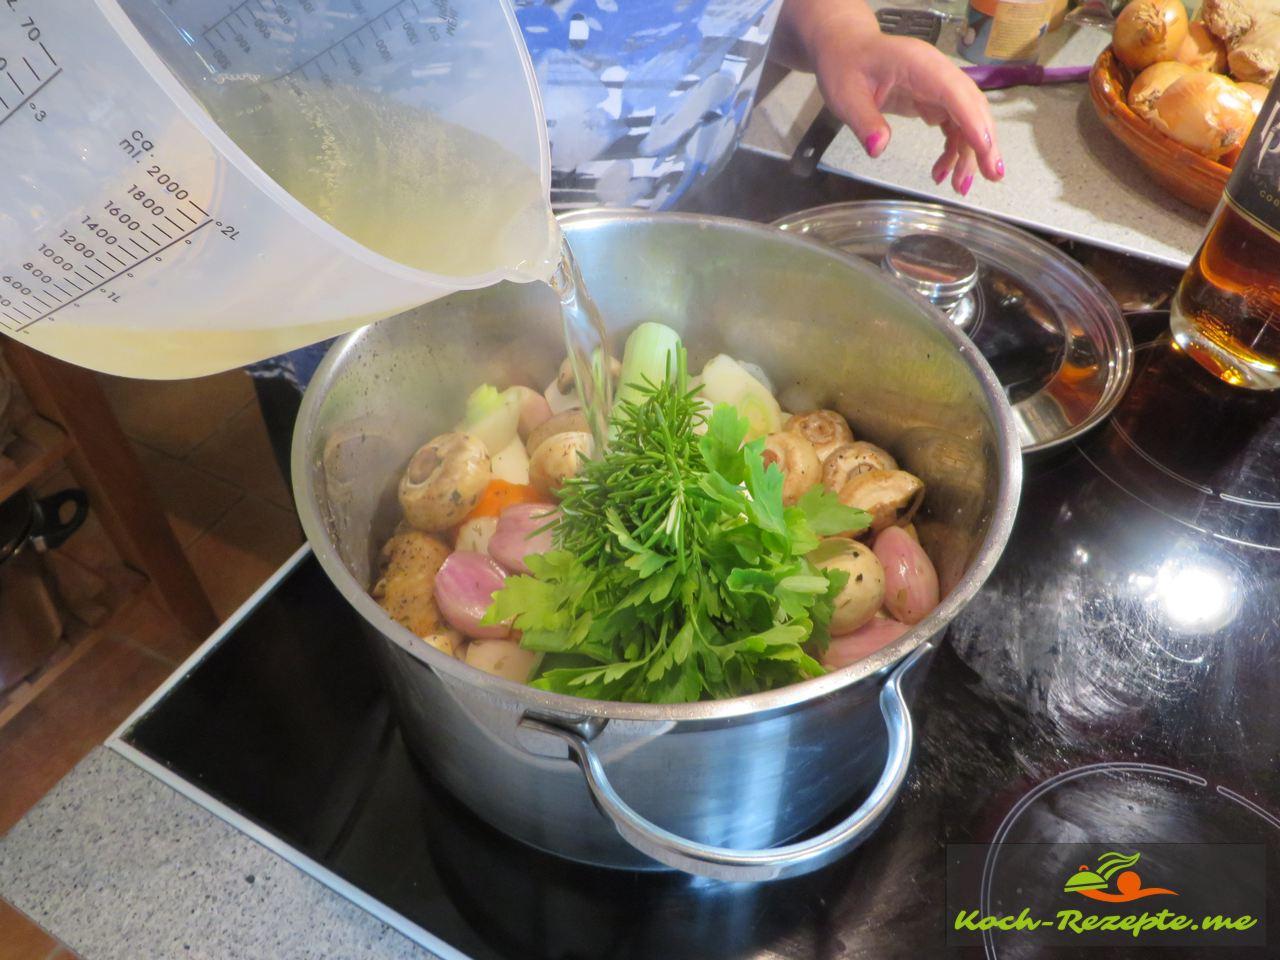 Jetzt kommt Weißwein aufs Huhn für Coq au Vin französisches Nationalgericht Hahn in Wein